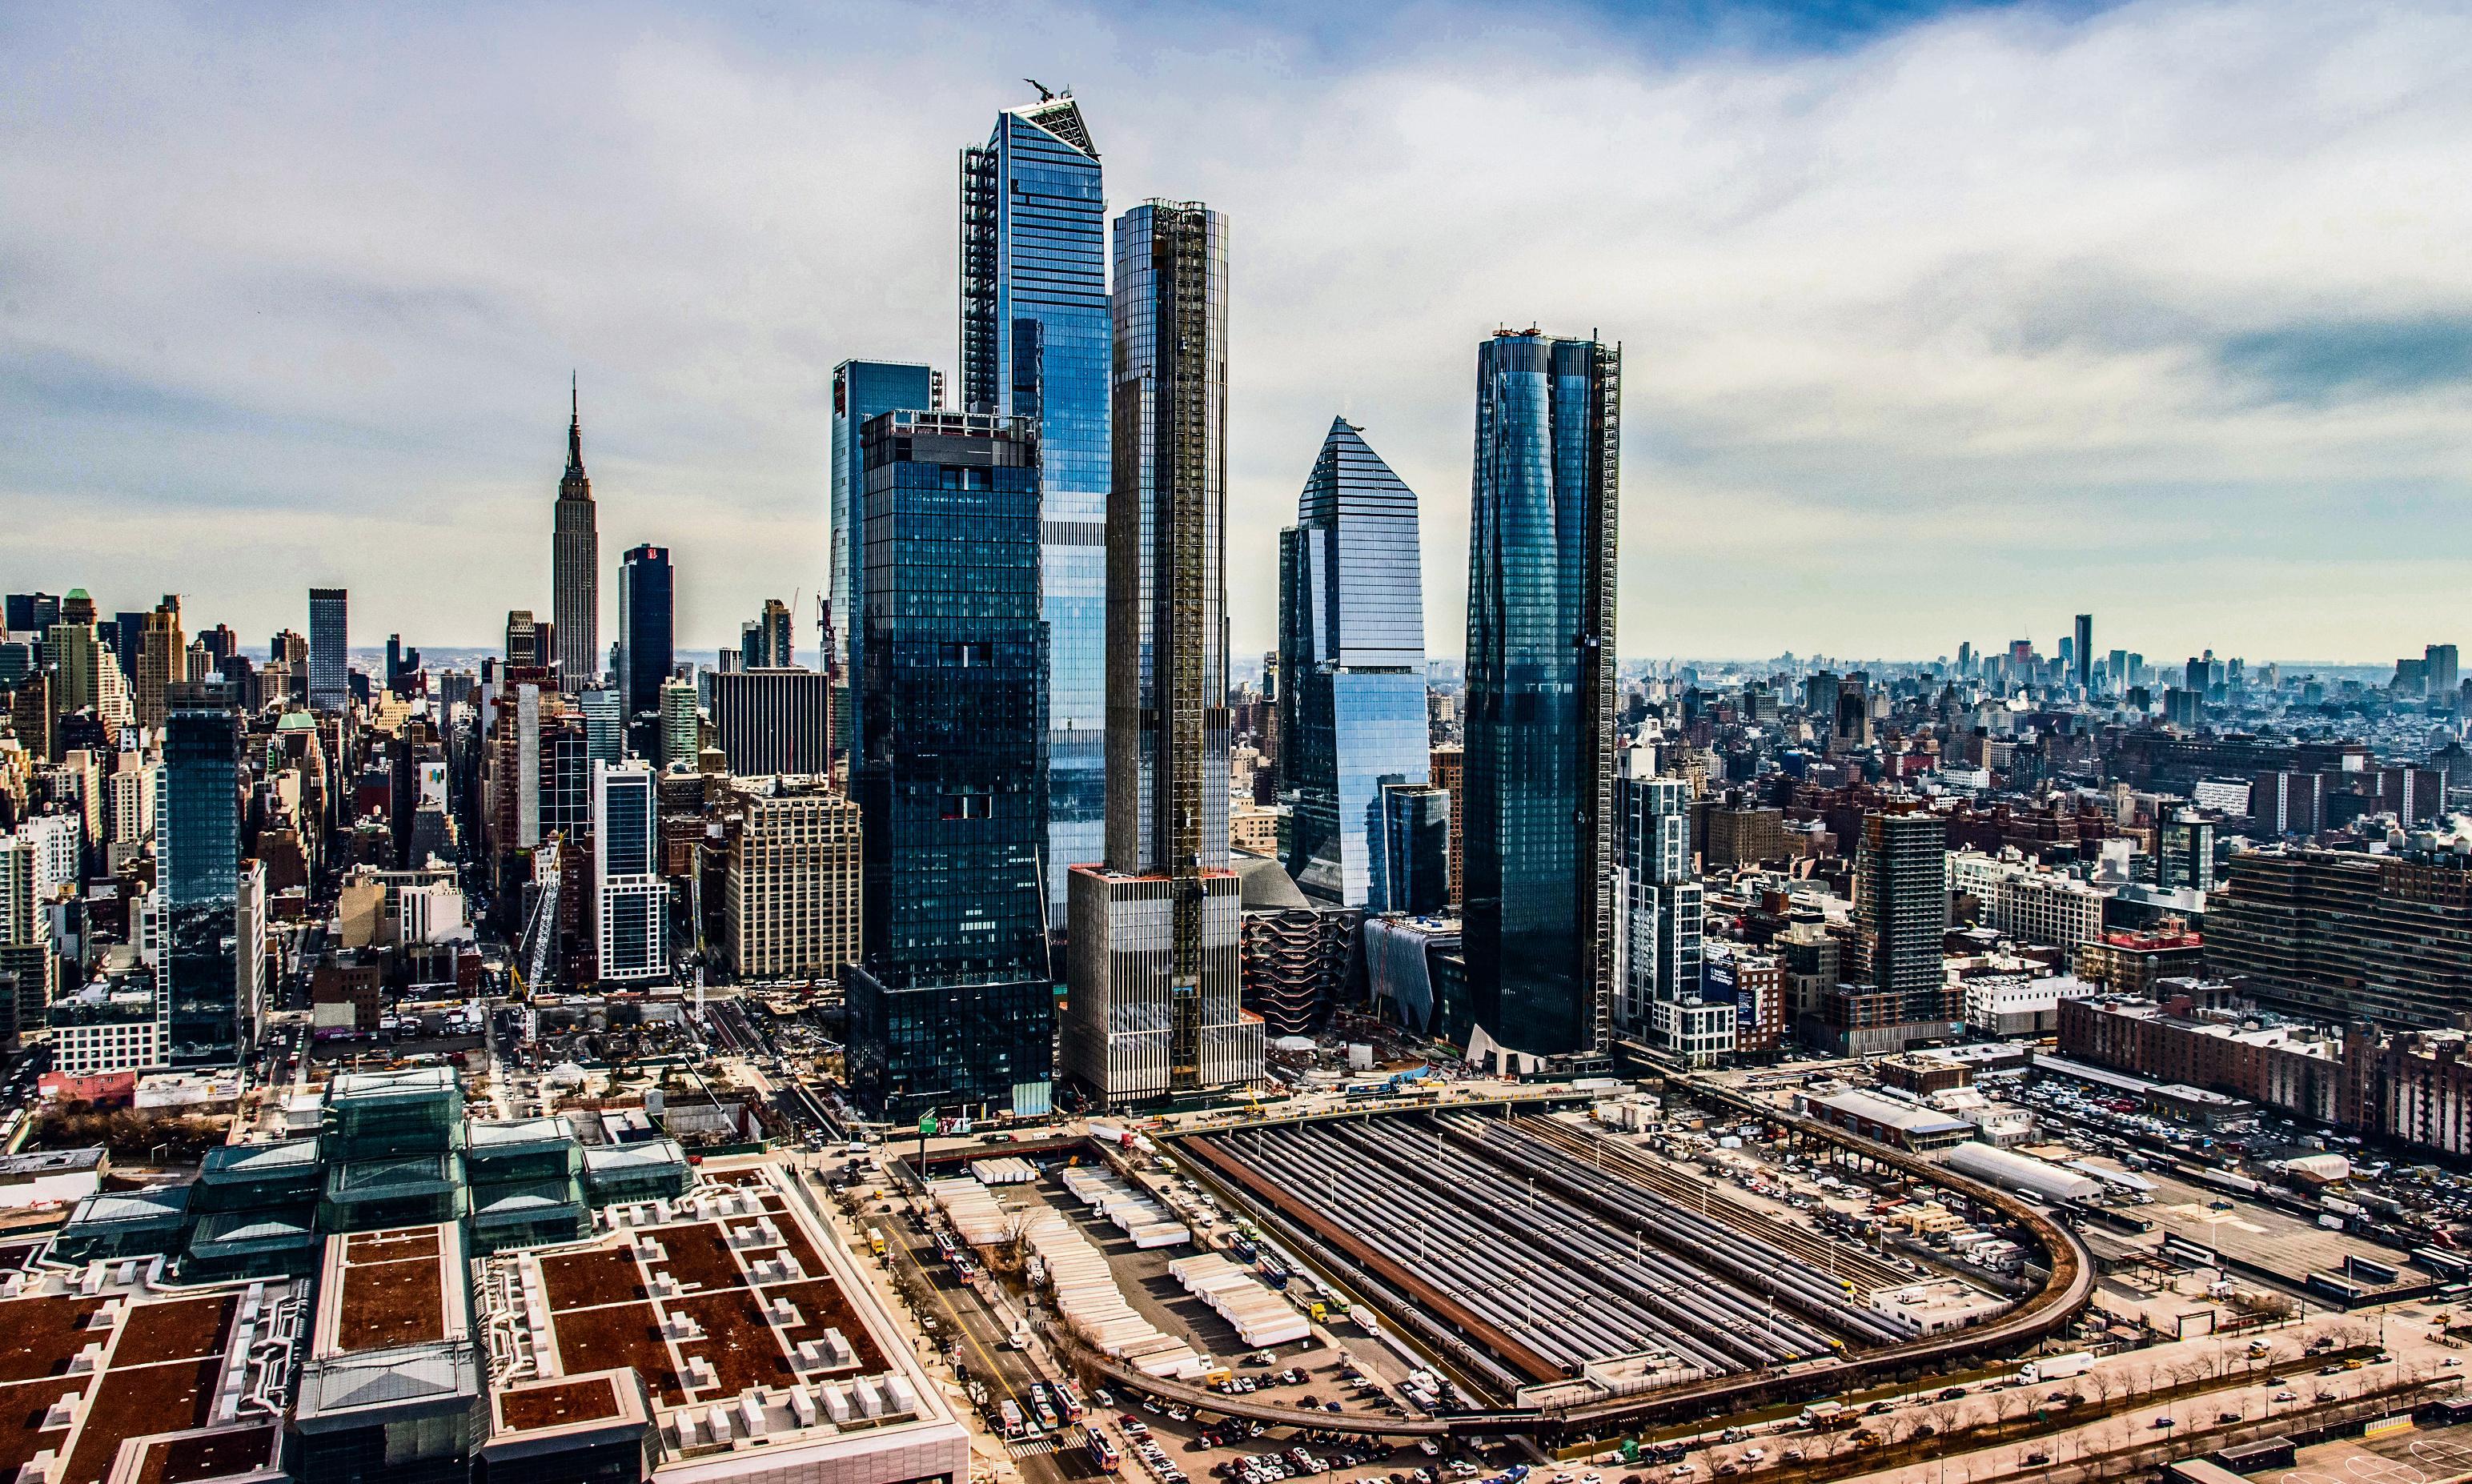 Horror on the Hudson: New York's $25bn architectural fiasco